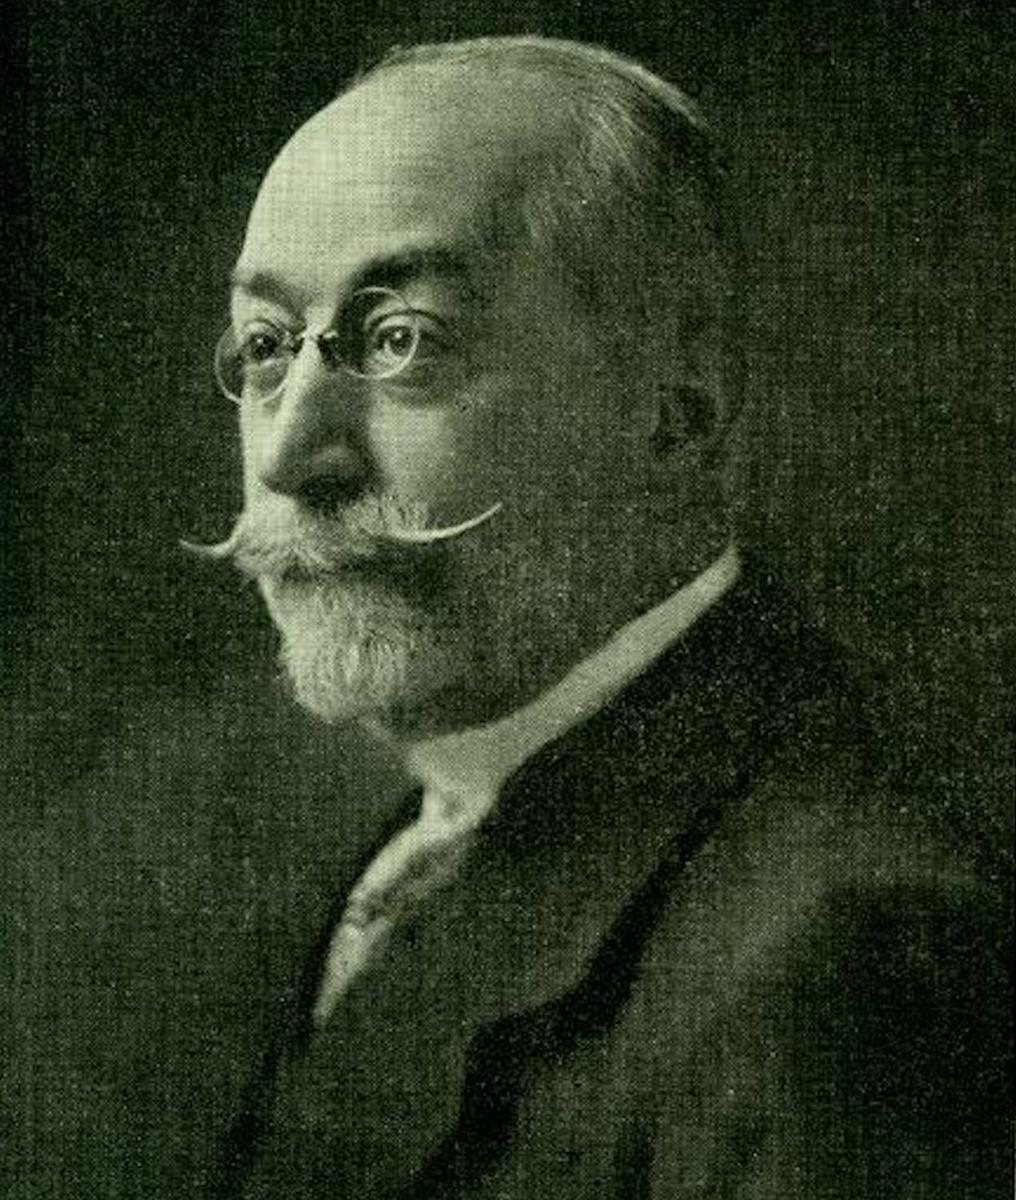 Stanislas-Jean-Baptiste Rolland, date inconnue &nbsp; &nbsp; &nbsp; &nbsp; &nbsp;&nbsp;<br />Soci&eacute;t&eacute; d&rsquo;histoire de la Rivi&egrave;re-du-Nord<br />Fonds Journal des Pays-d&rsquo;en-Haut